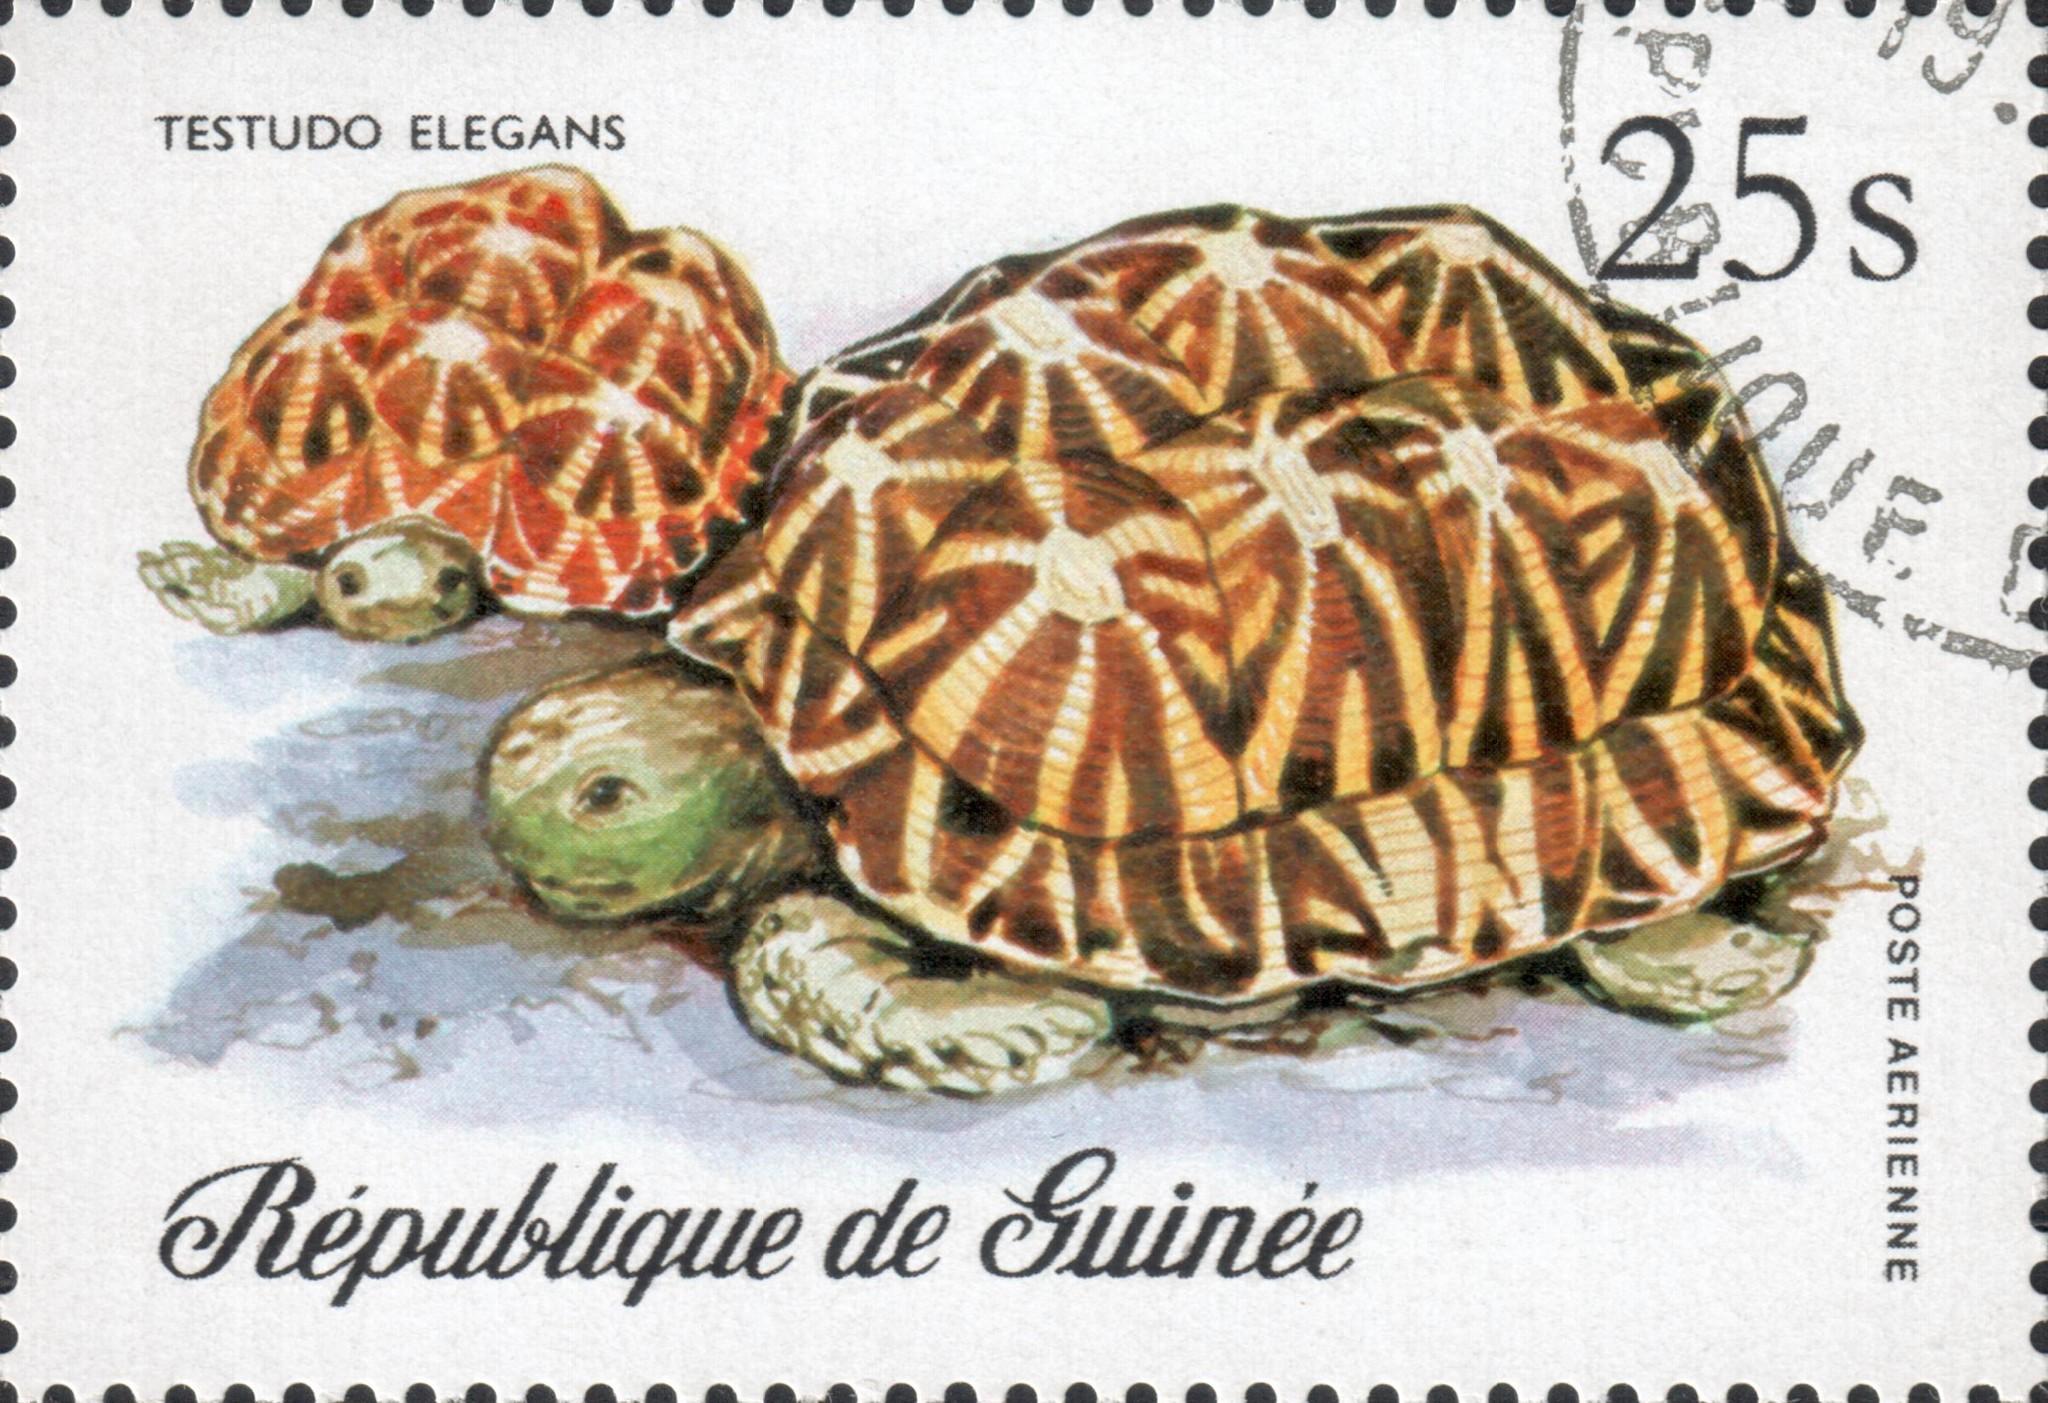 Звёздчатая черепаха (Testudo elegans)